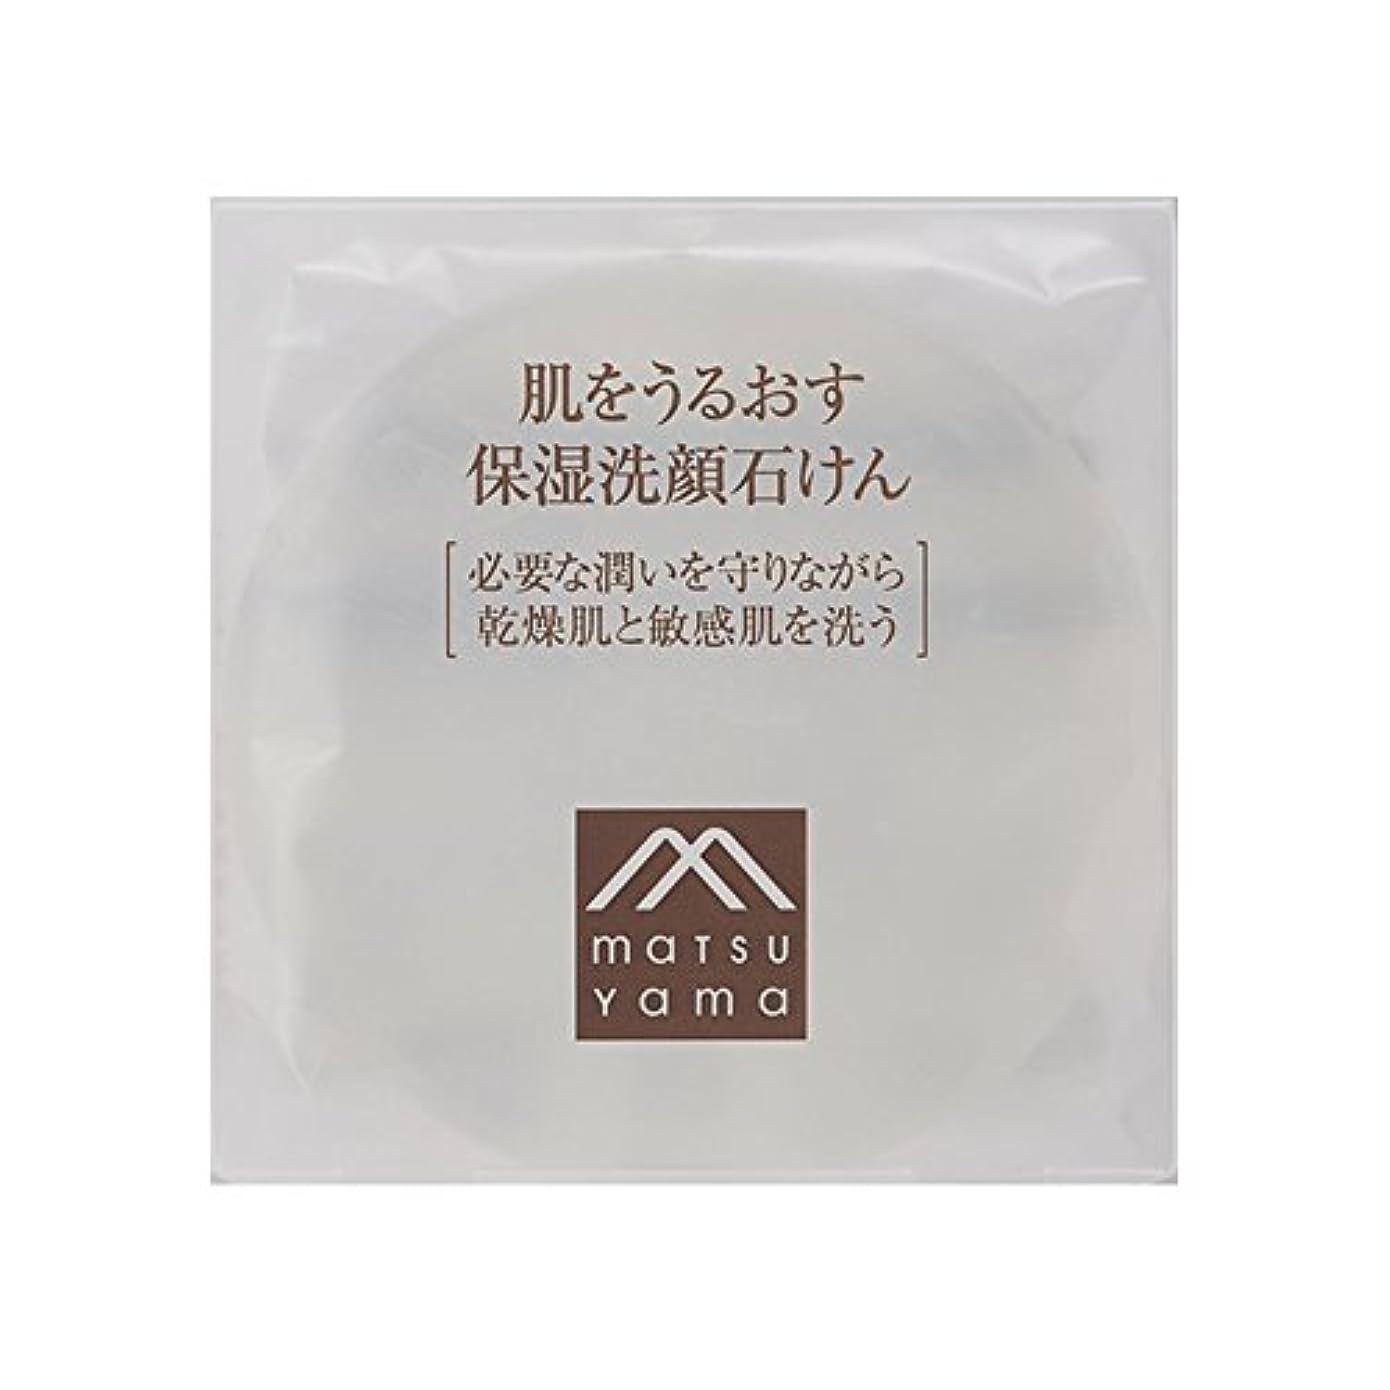 可動式はちみつ部肌をうるおす保湿洗顔石けん(洗顔料) [乾燥肌 敏感肌]